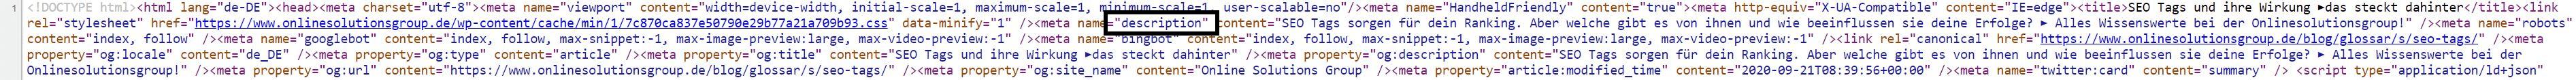 SEO Tags: Meta Description im Quellcode